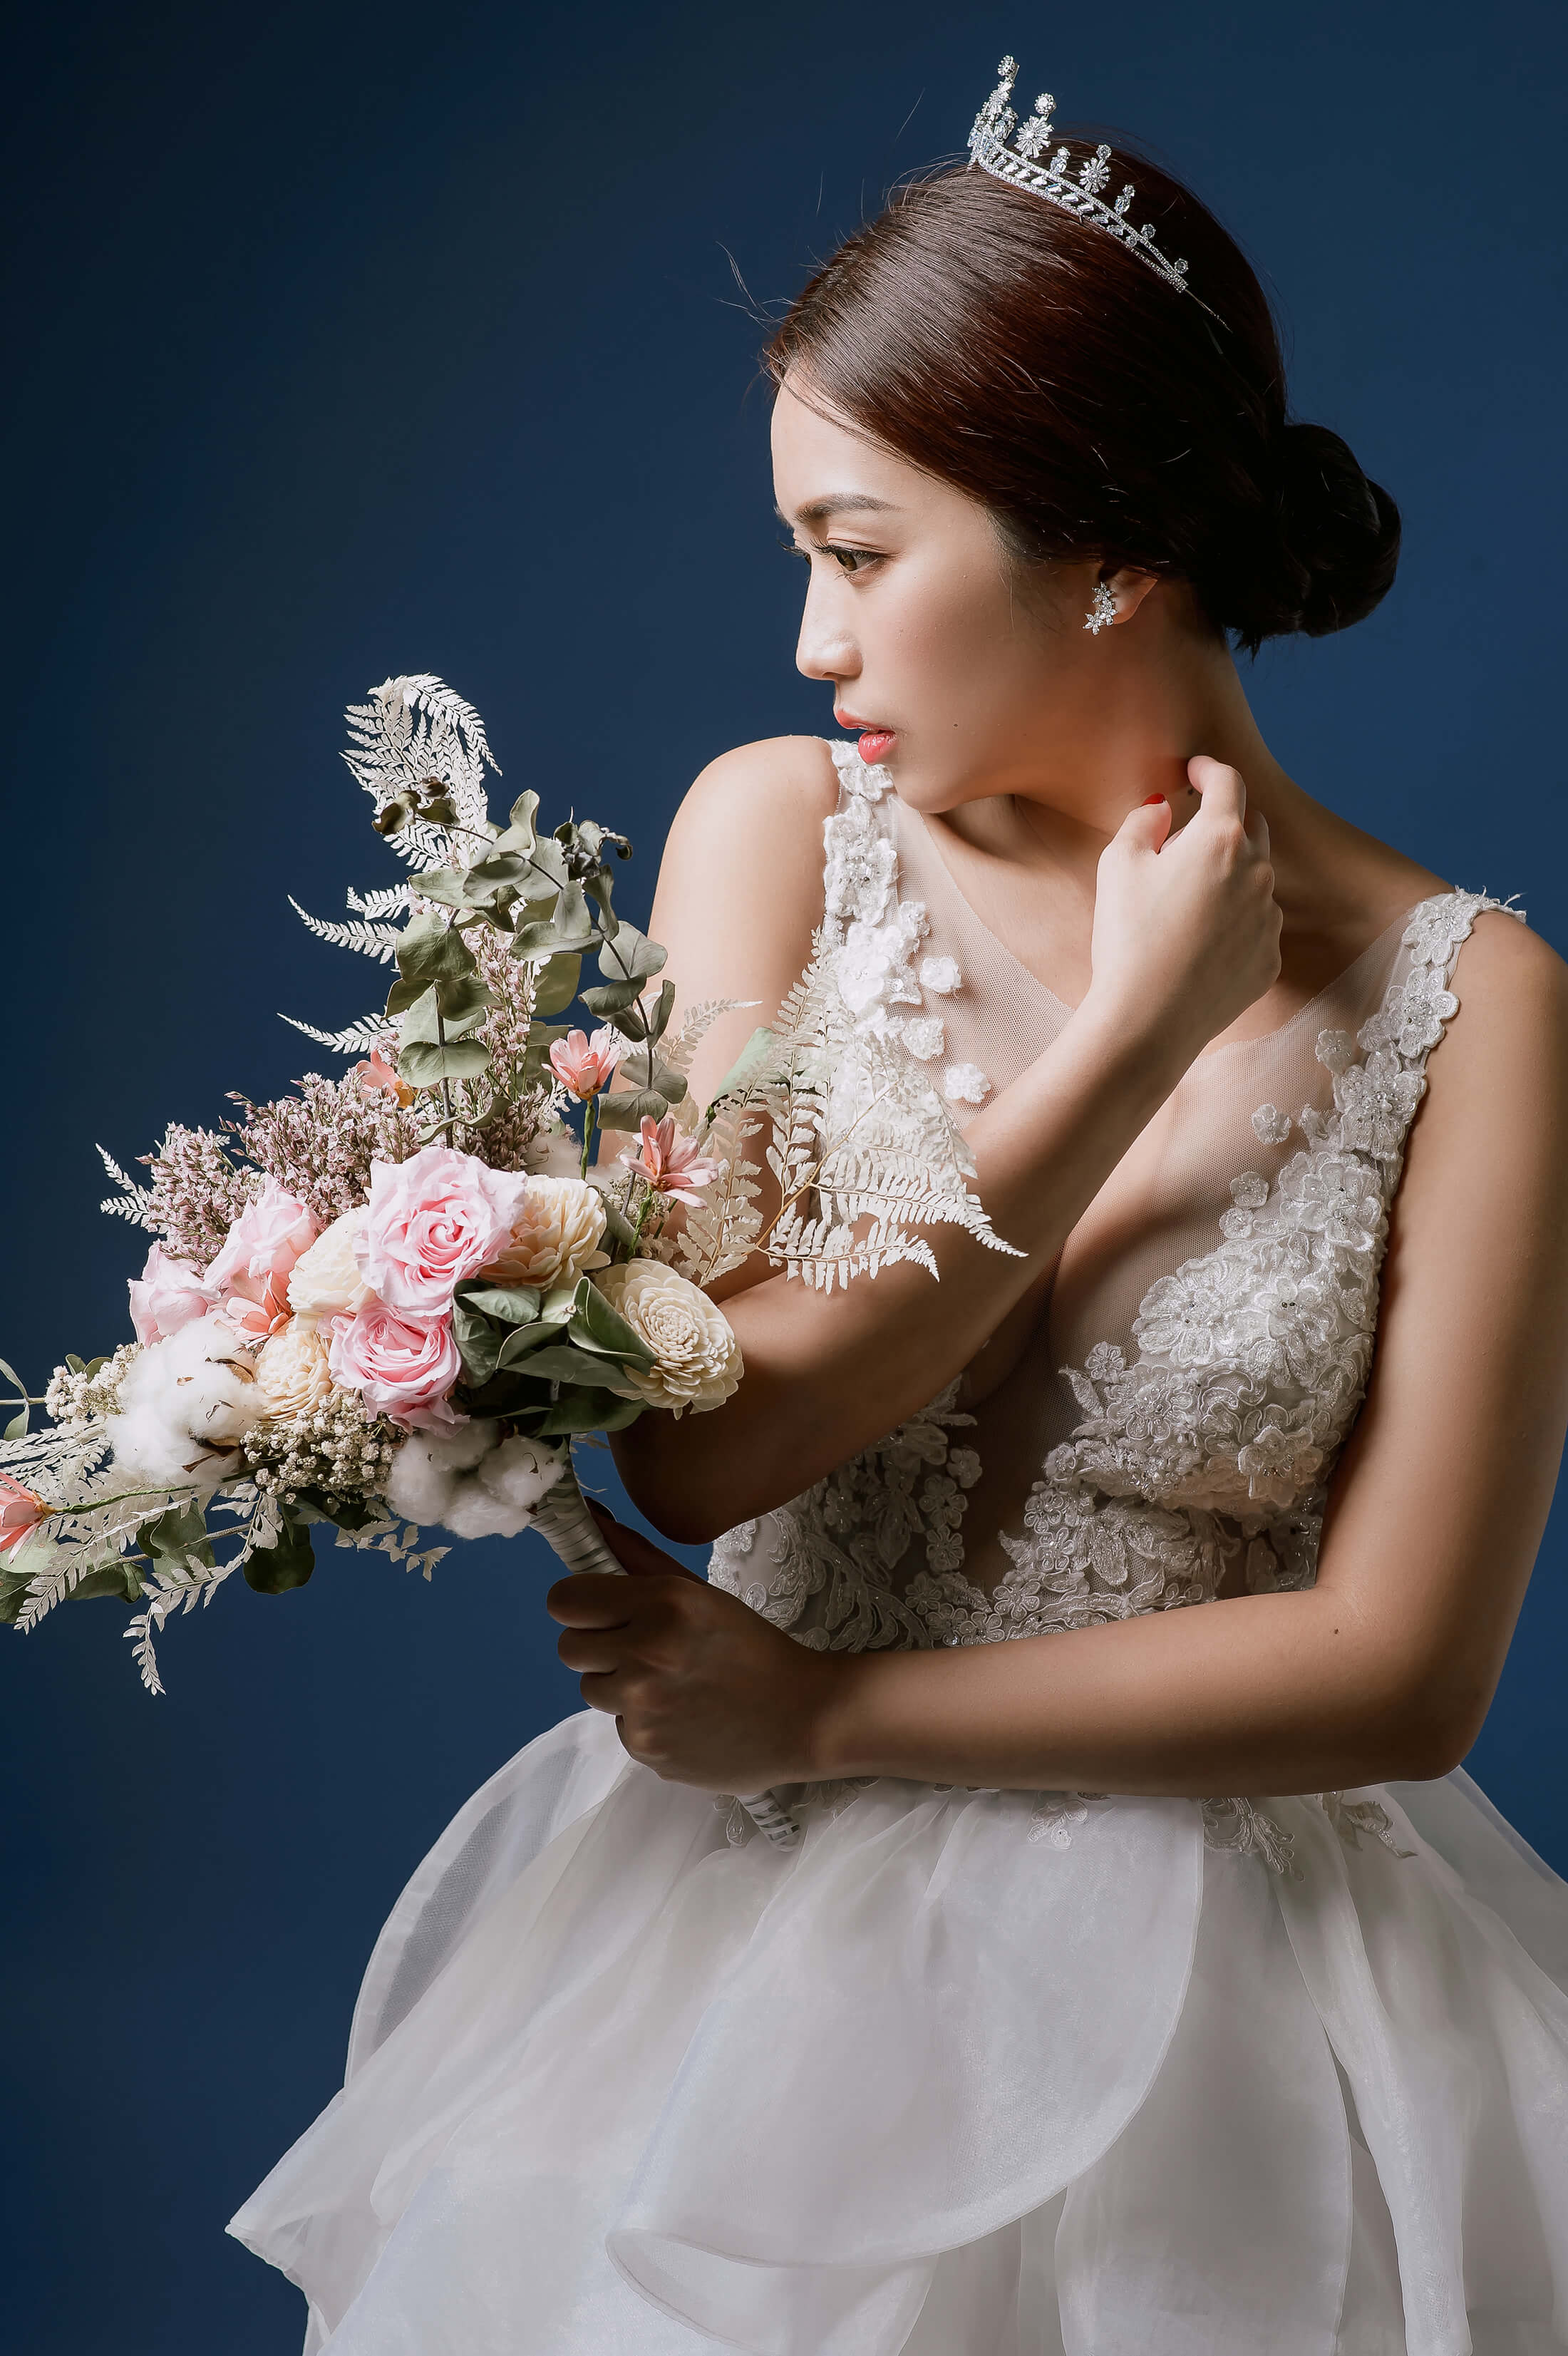 素背景婚紗